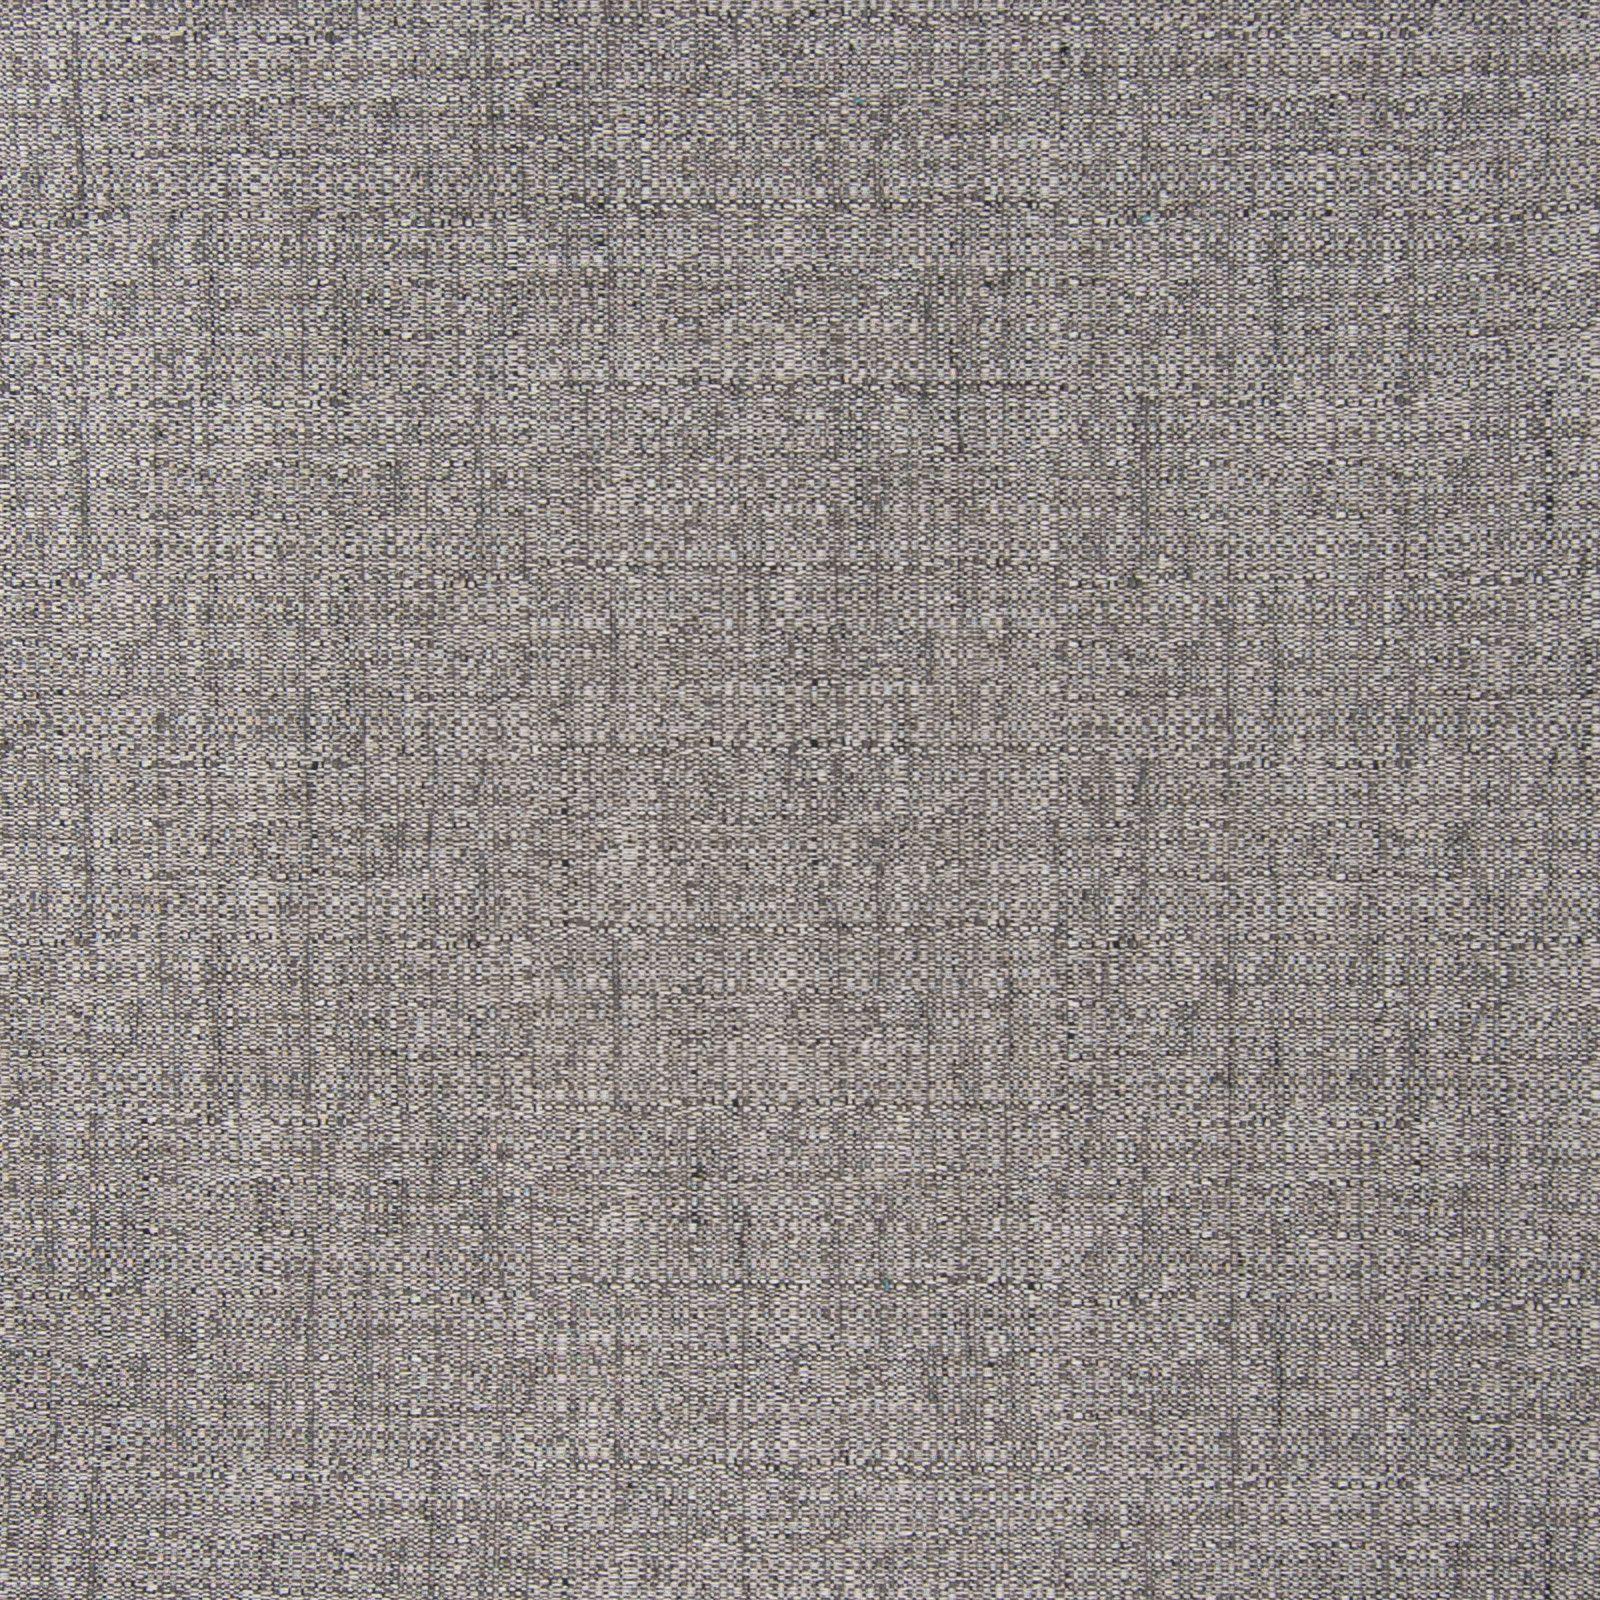 Crypton Home Fabrics Built In Sofa Upholstery Fabric Kovi Fabrics